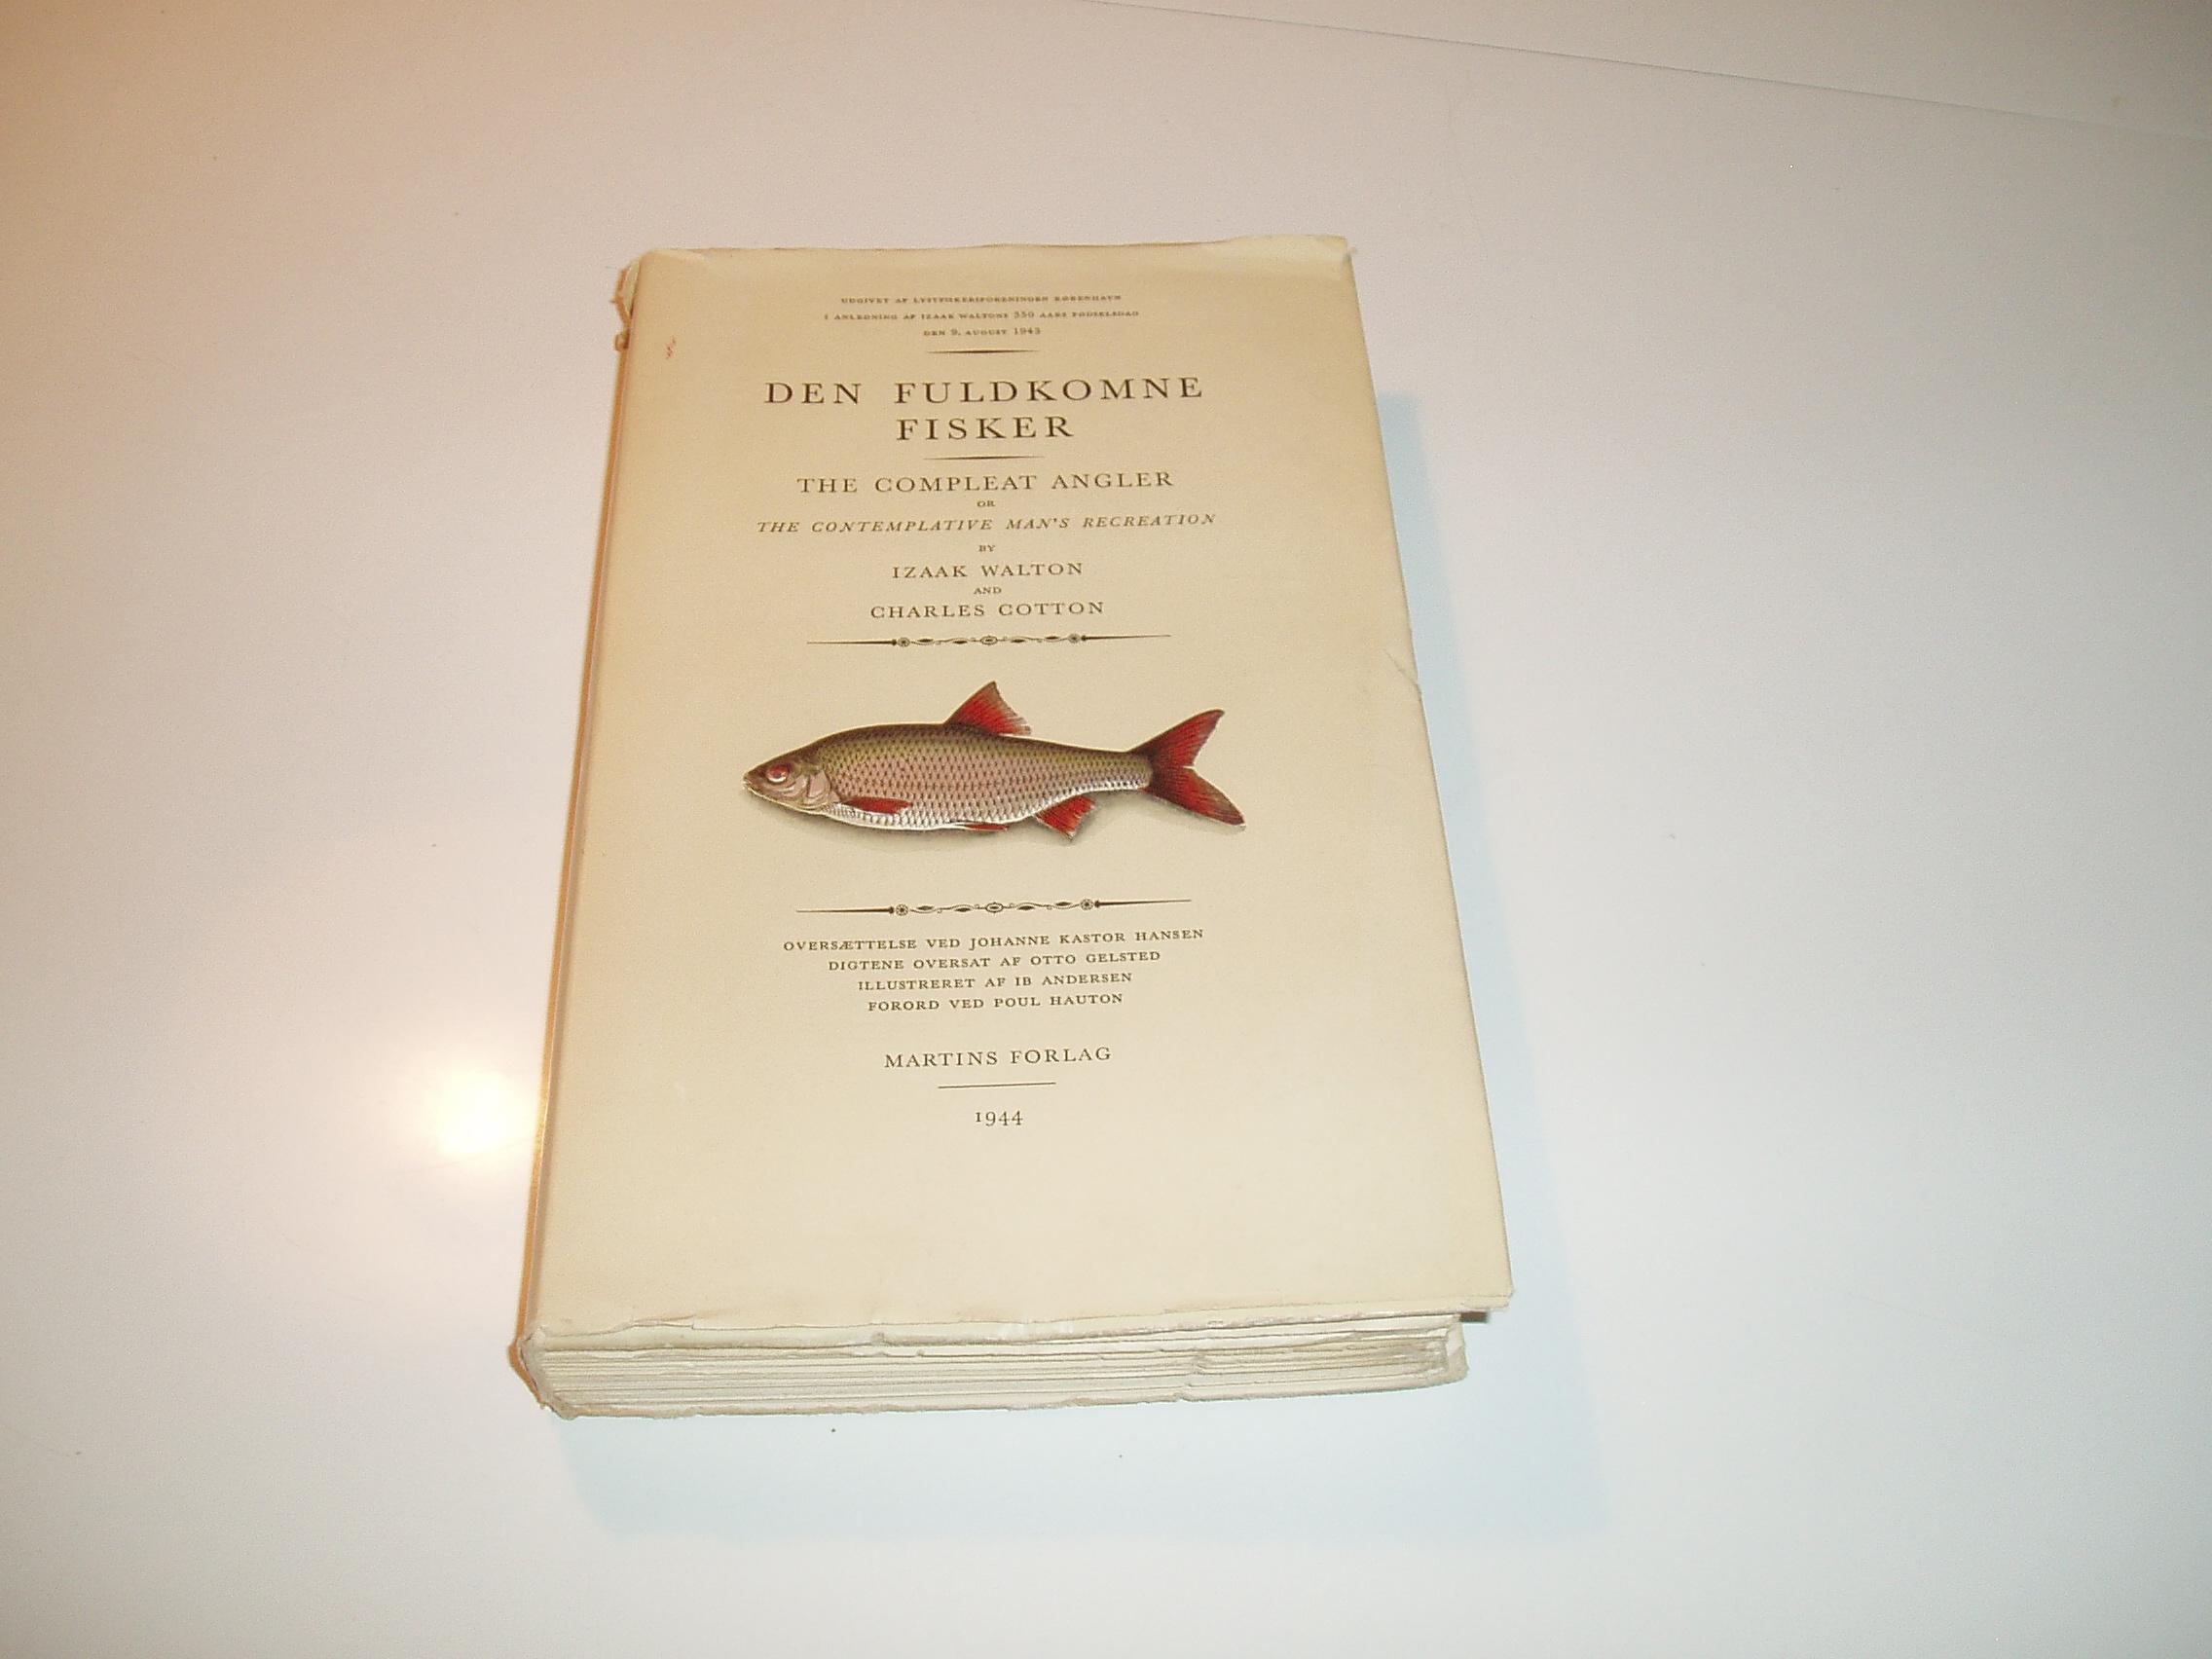 Den fuldkomne fisker. Illustreret af Ib Andersen.1. udg., 5. opl